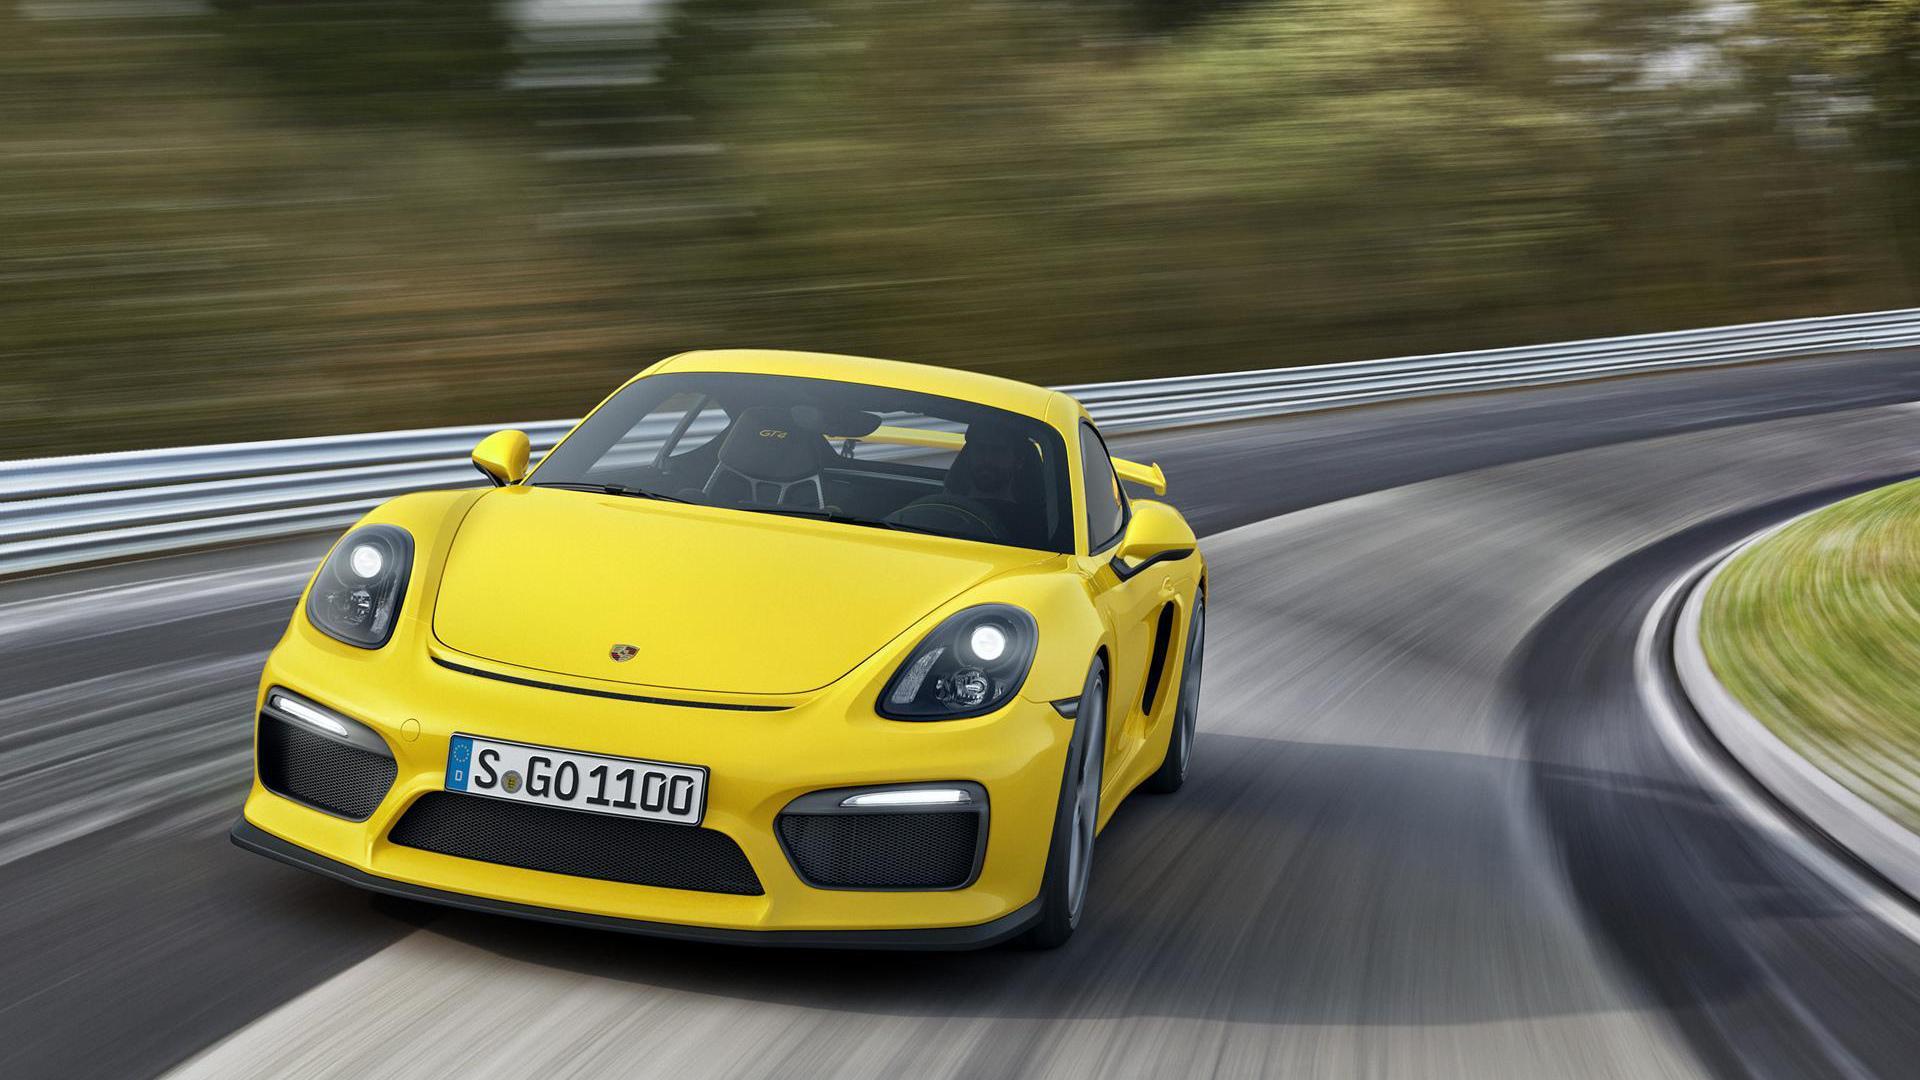 Cayman Gt4 Wall Paper: Porsche Cayman GT4 Wallpaper HD Download